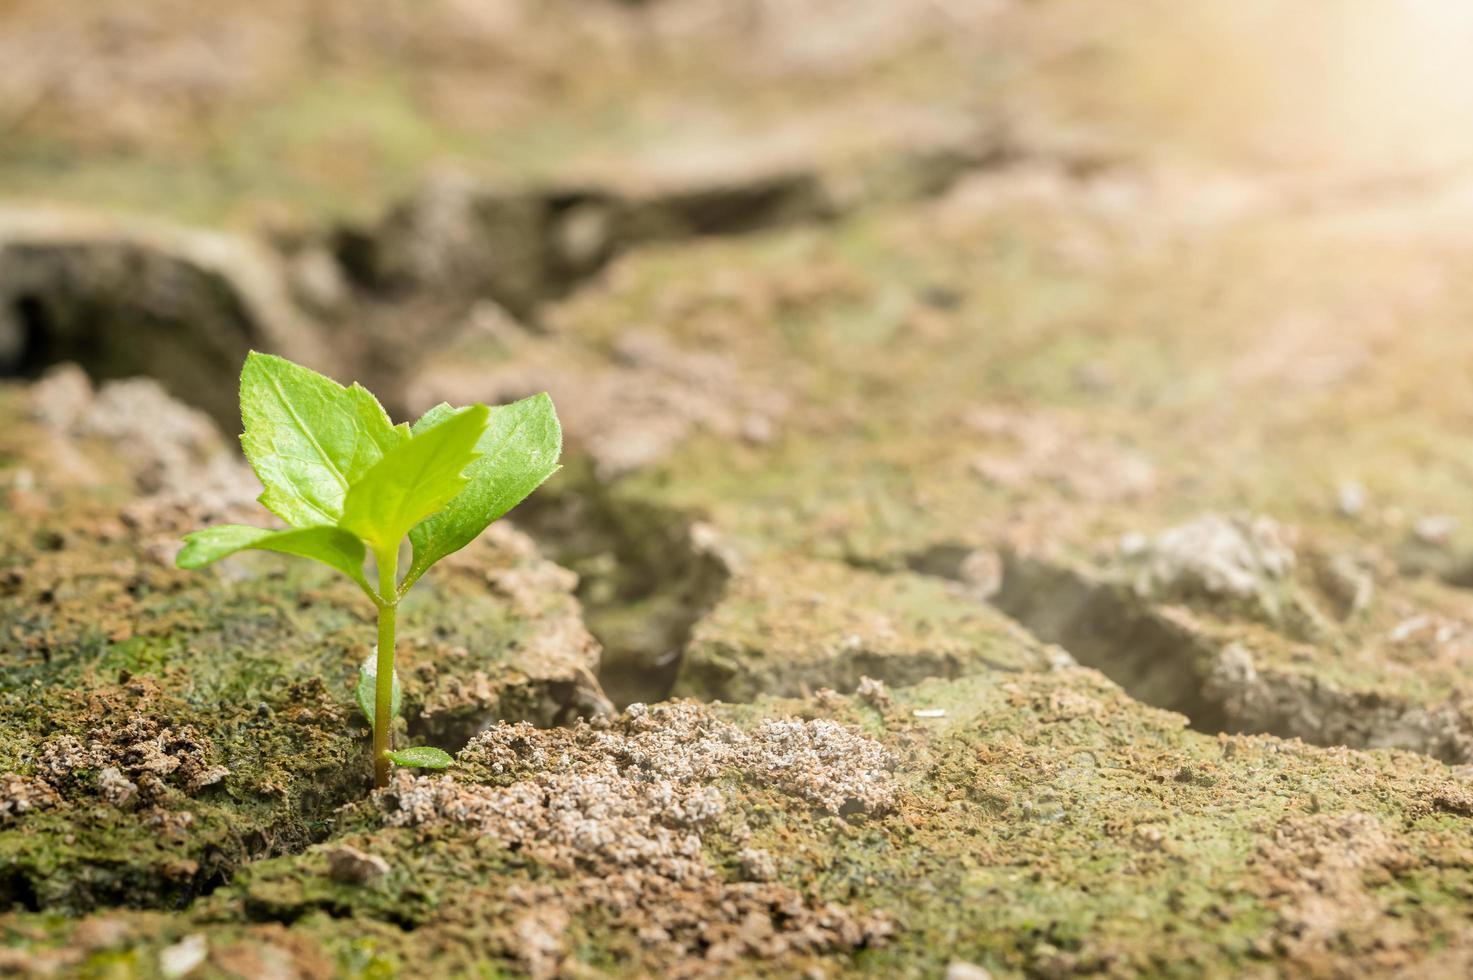 un seul arbre pousse sur un sol sec photo